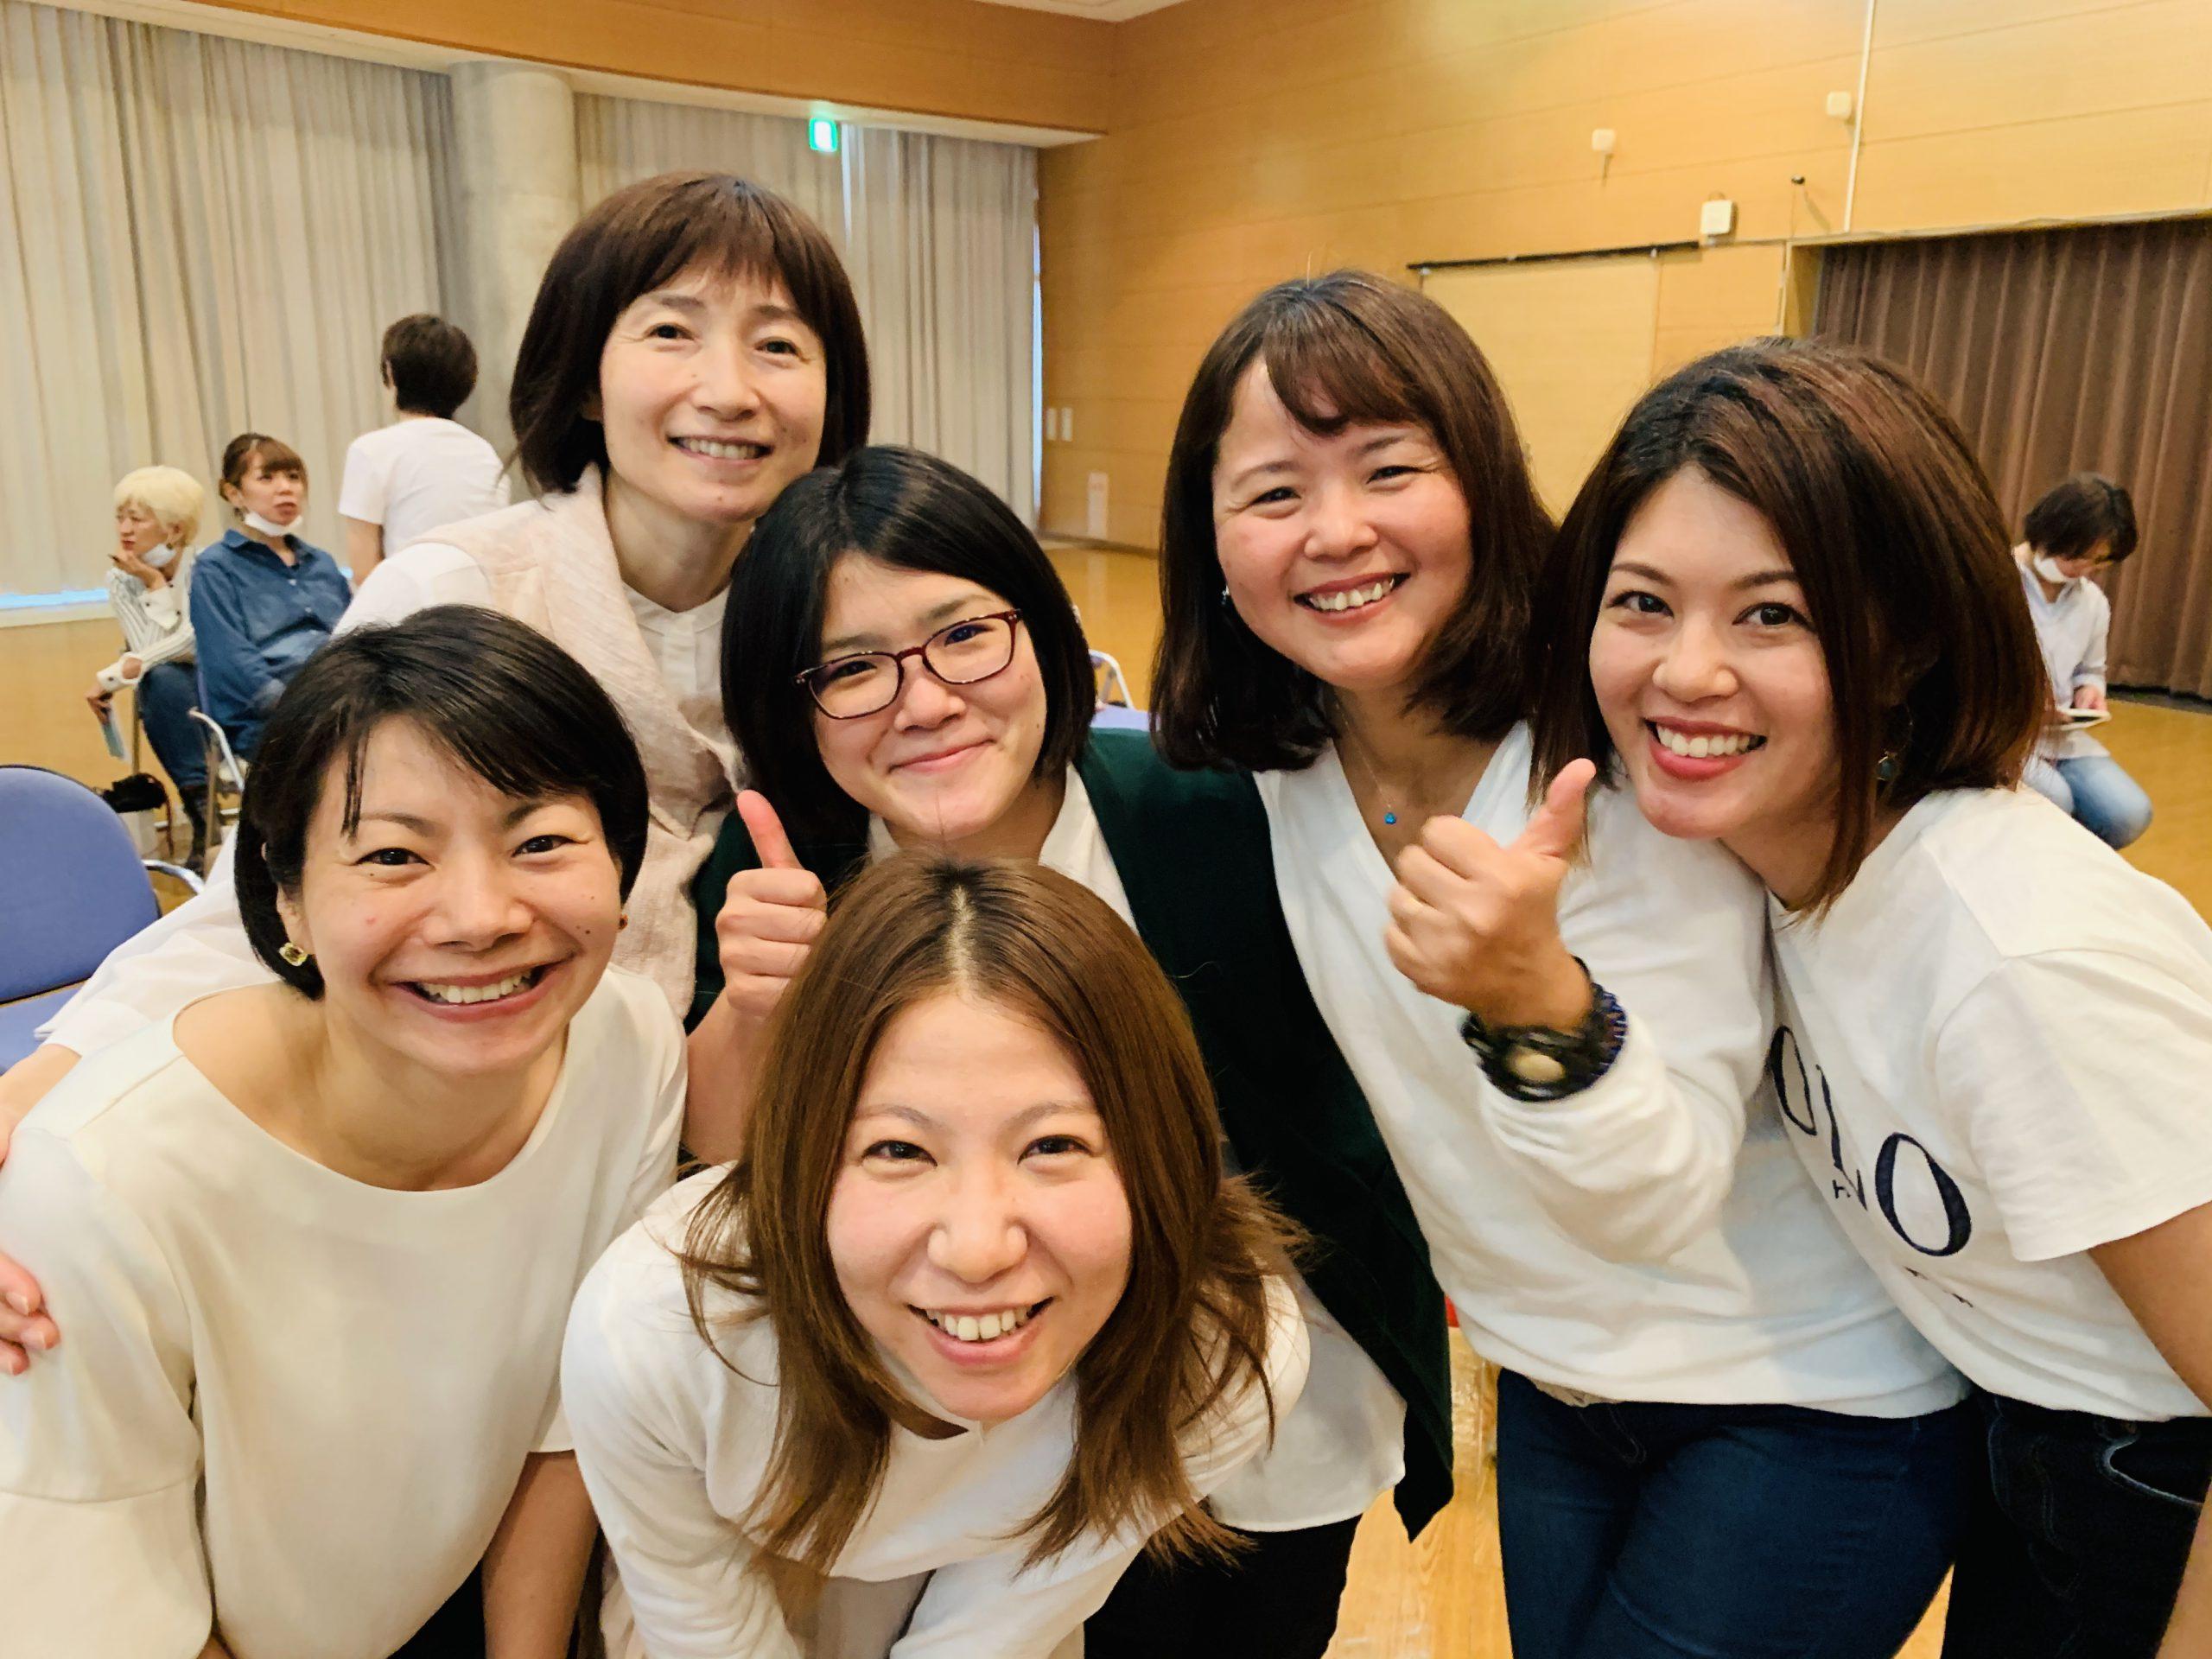 沖縄1010ハッピー3月✨Bグループ感想😊❣️